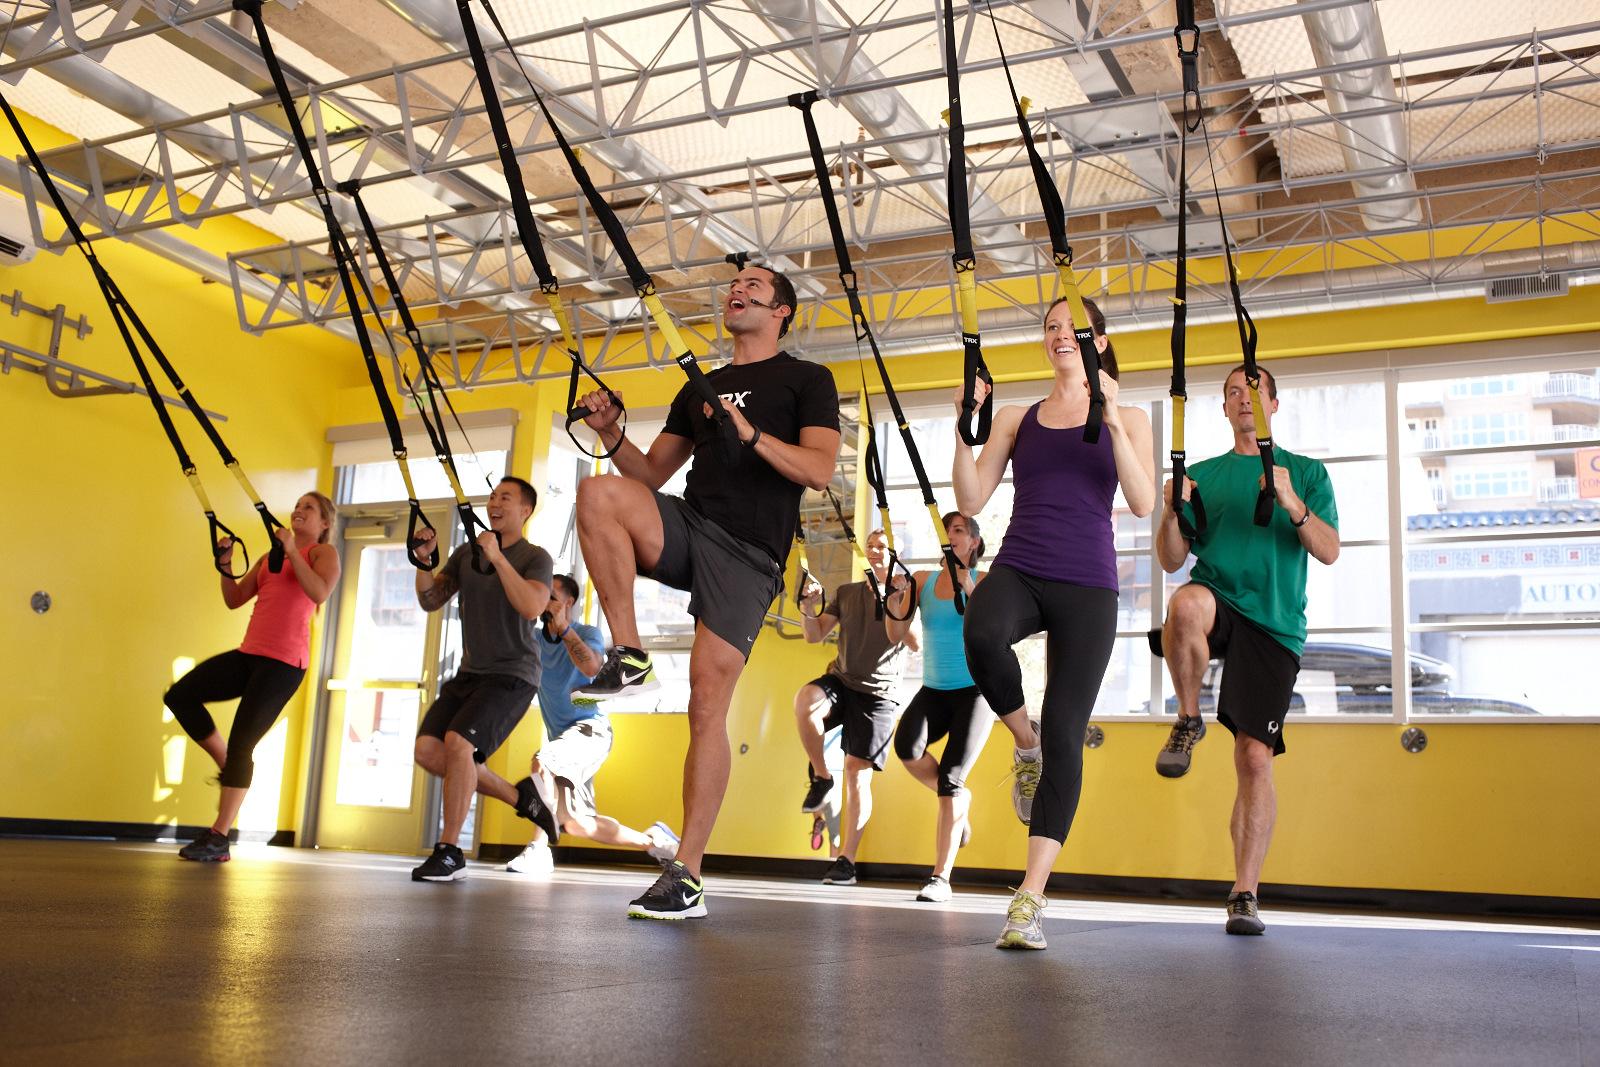 Premier Fitness Center 'Image Bodybuilding' in Boulder, CO